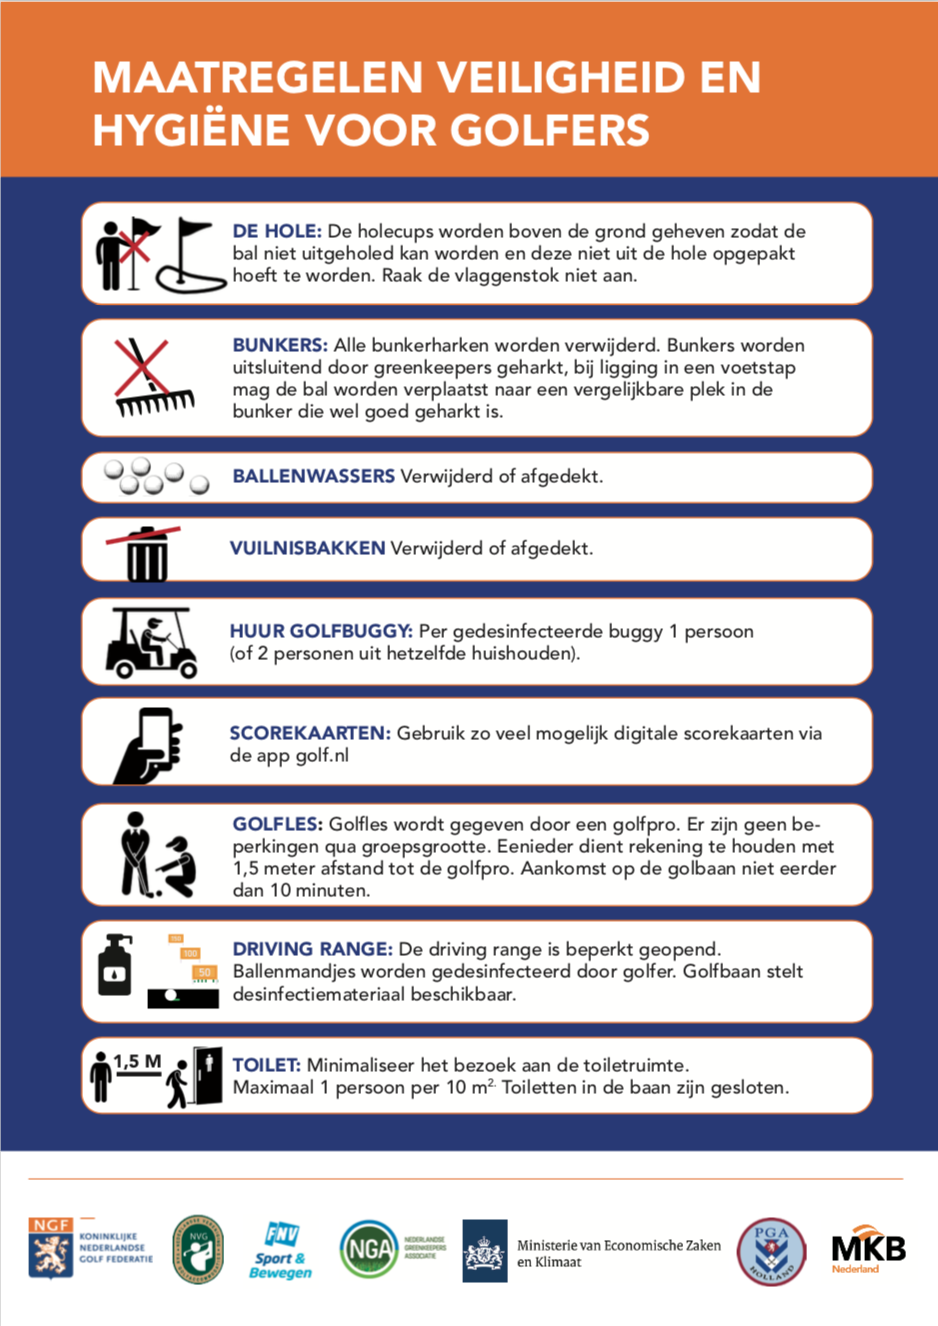 Maatregelen veiligheid en hygiëne voor golfers Corona NGF